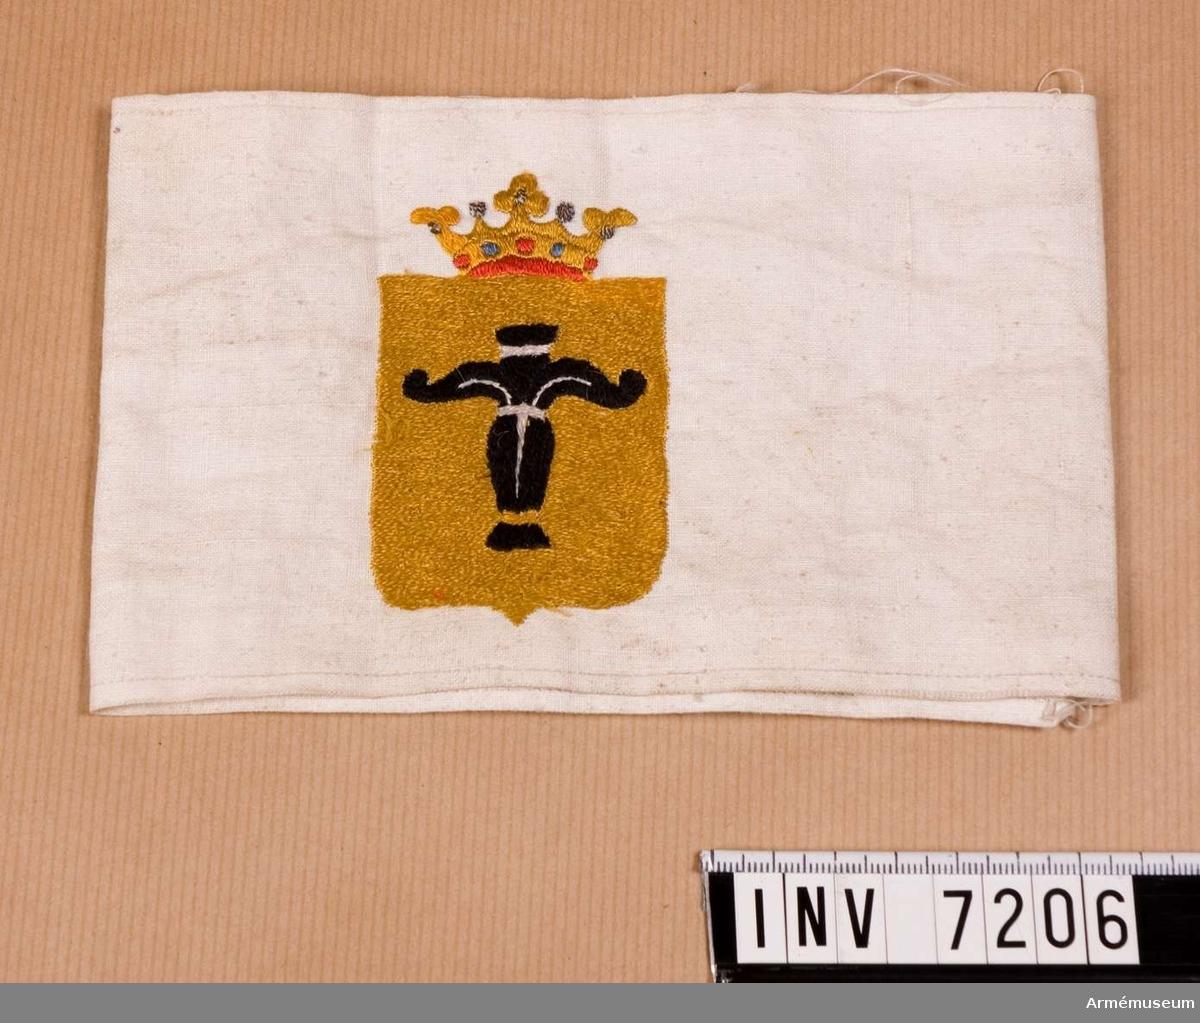 """Sydd av vit linnelärft och med broderad gul sköld med Vasa vapen. Har varit utställd i Bernadottevåningen och borttagen 1982. Svenska brigarden. I finska inbördeskriget 1918 en av svenska frivilliga militärer och civila bildad trupp på 300-400 man som med utmärkelse deltog på """"de hvites"""" sida bl a i erövringen av Tammerfors (mars-april).  Samhörande nr är 7202 - 7210."""